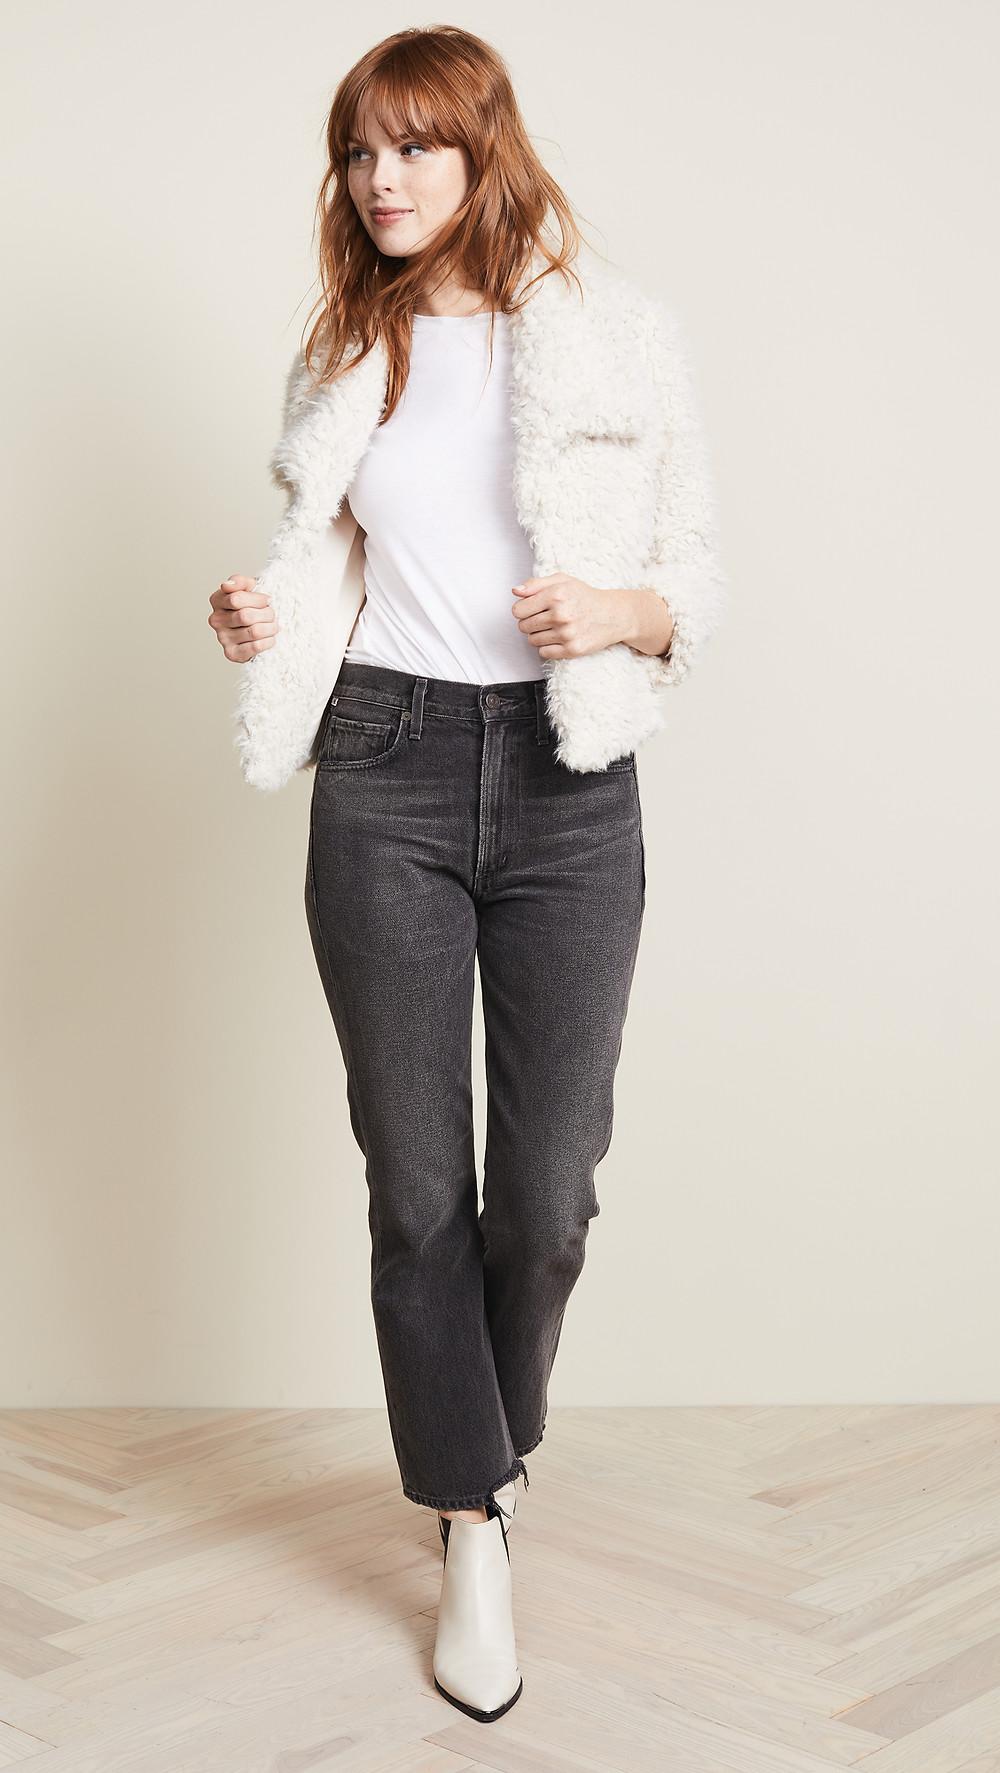 BB Dakota Hugs Don't Lie Faux Fur Jacket $120